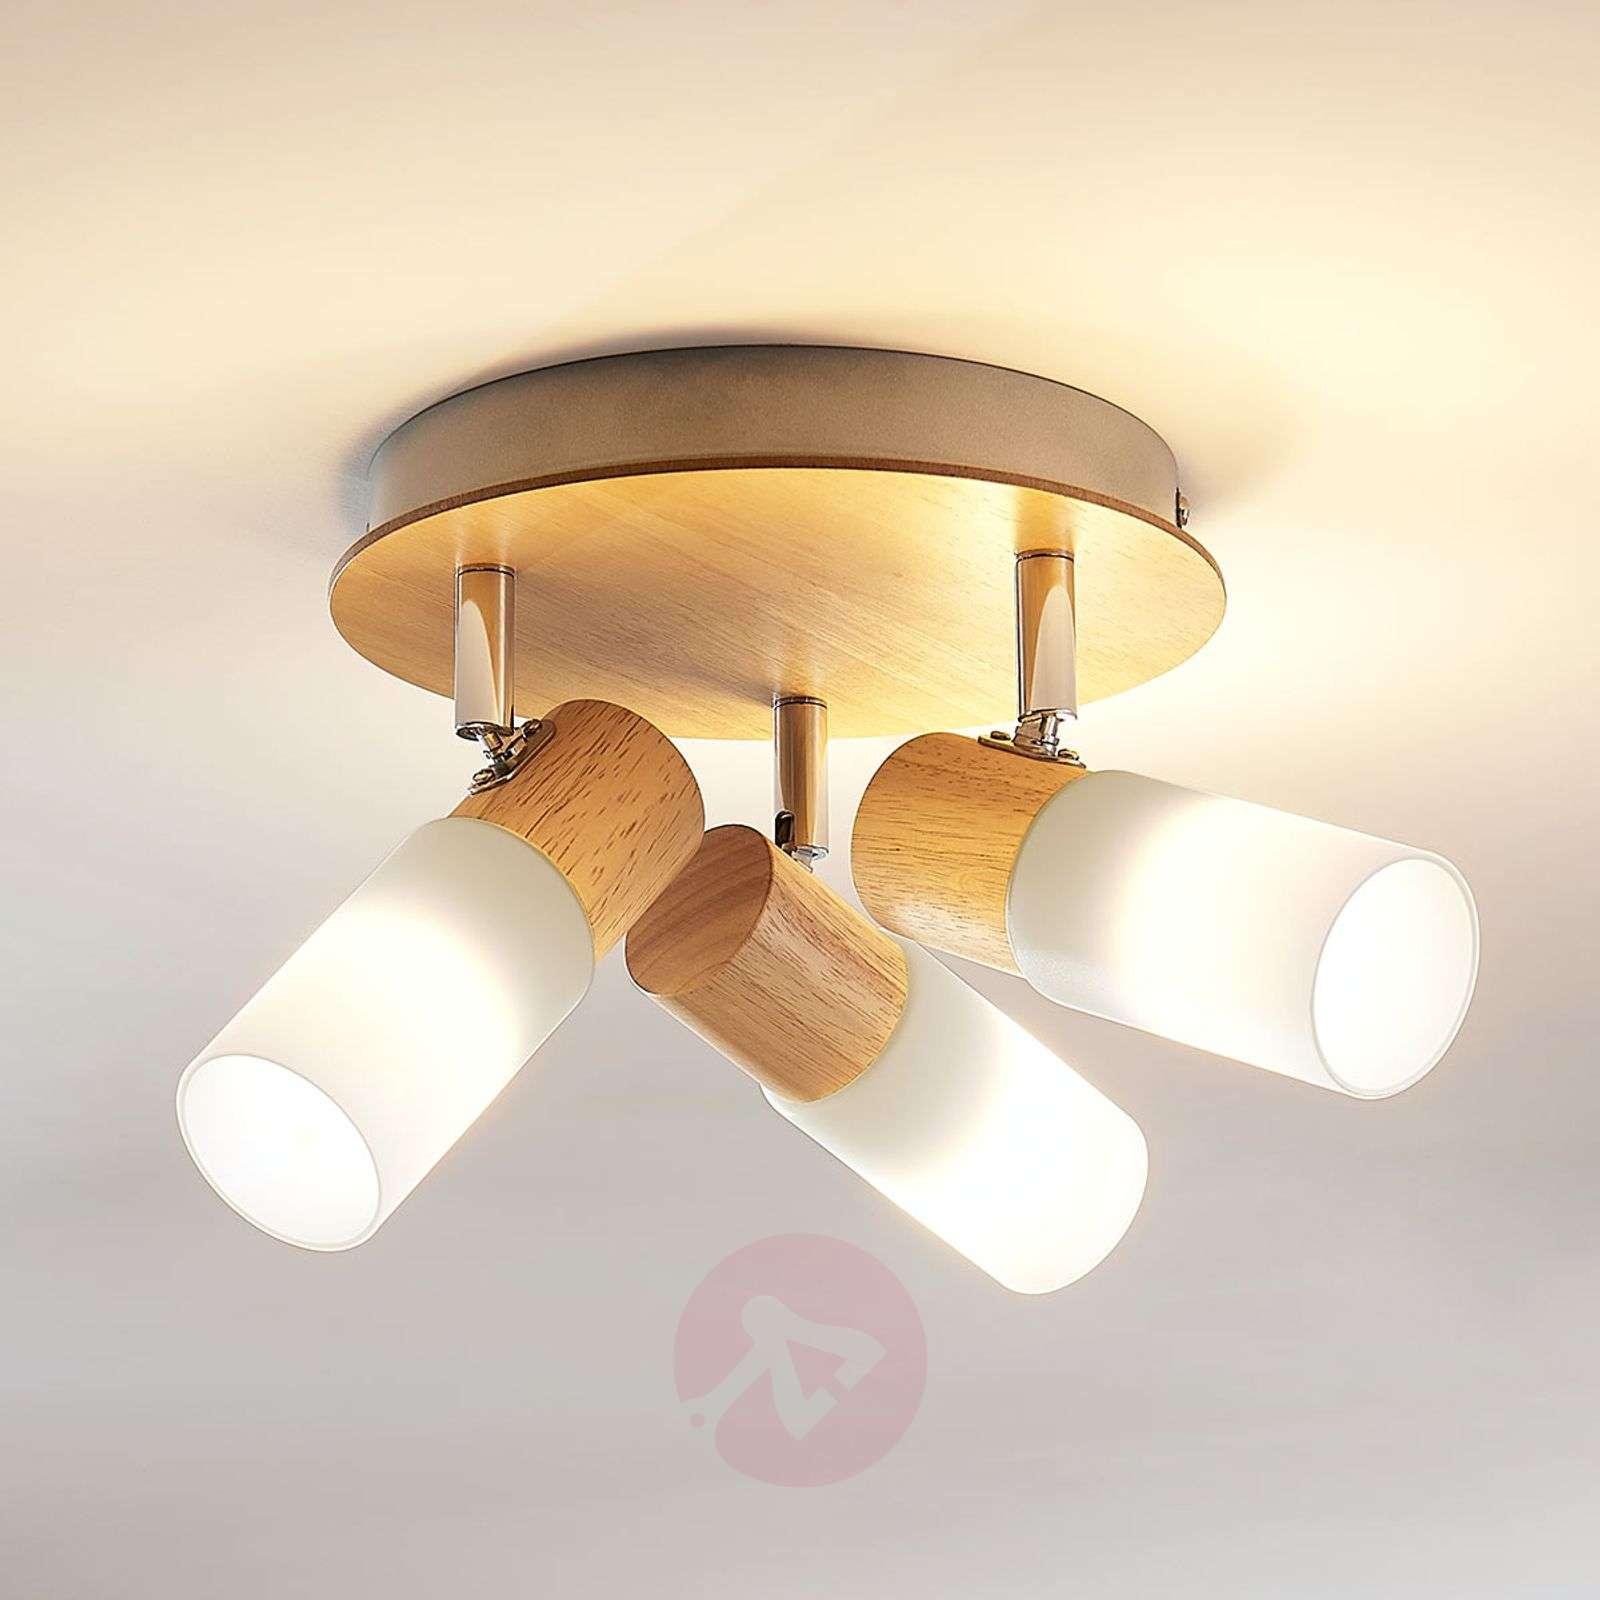 Puinen LED-kattokohdevalo Christoph, 3-lamppuinen-9621827-012